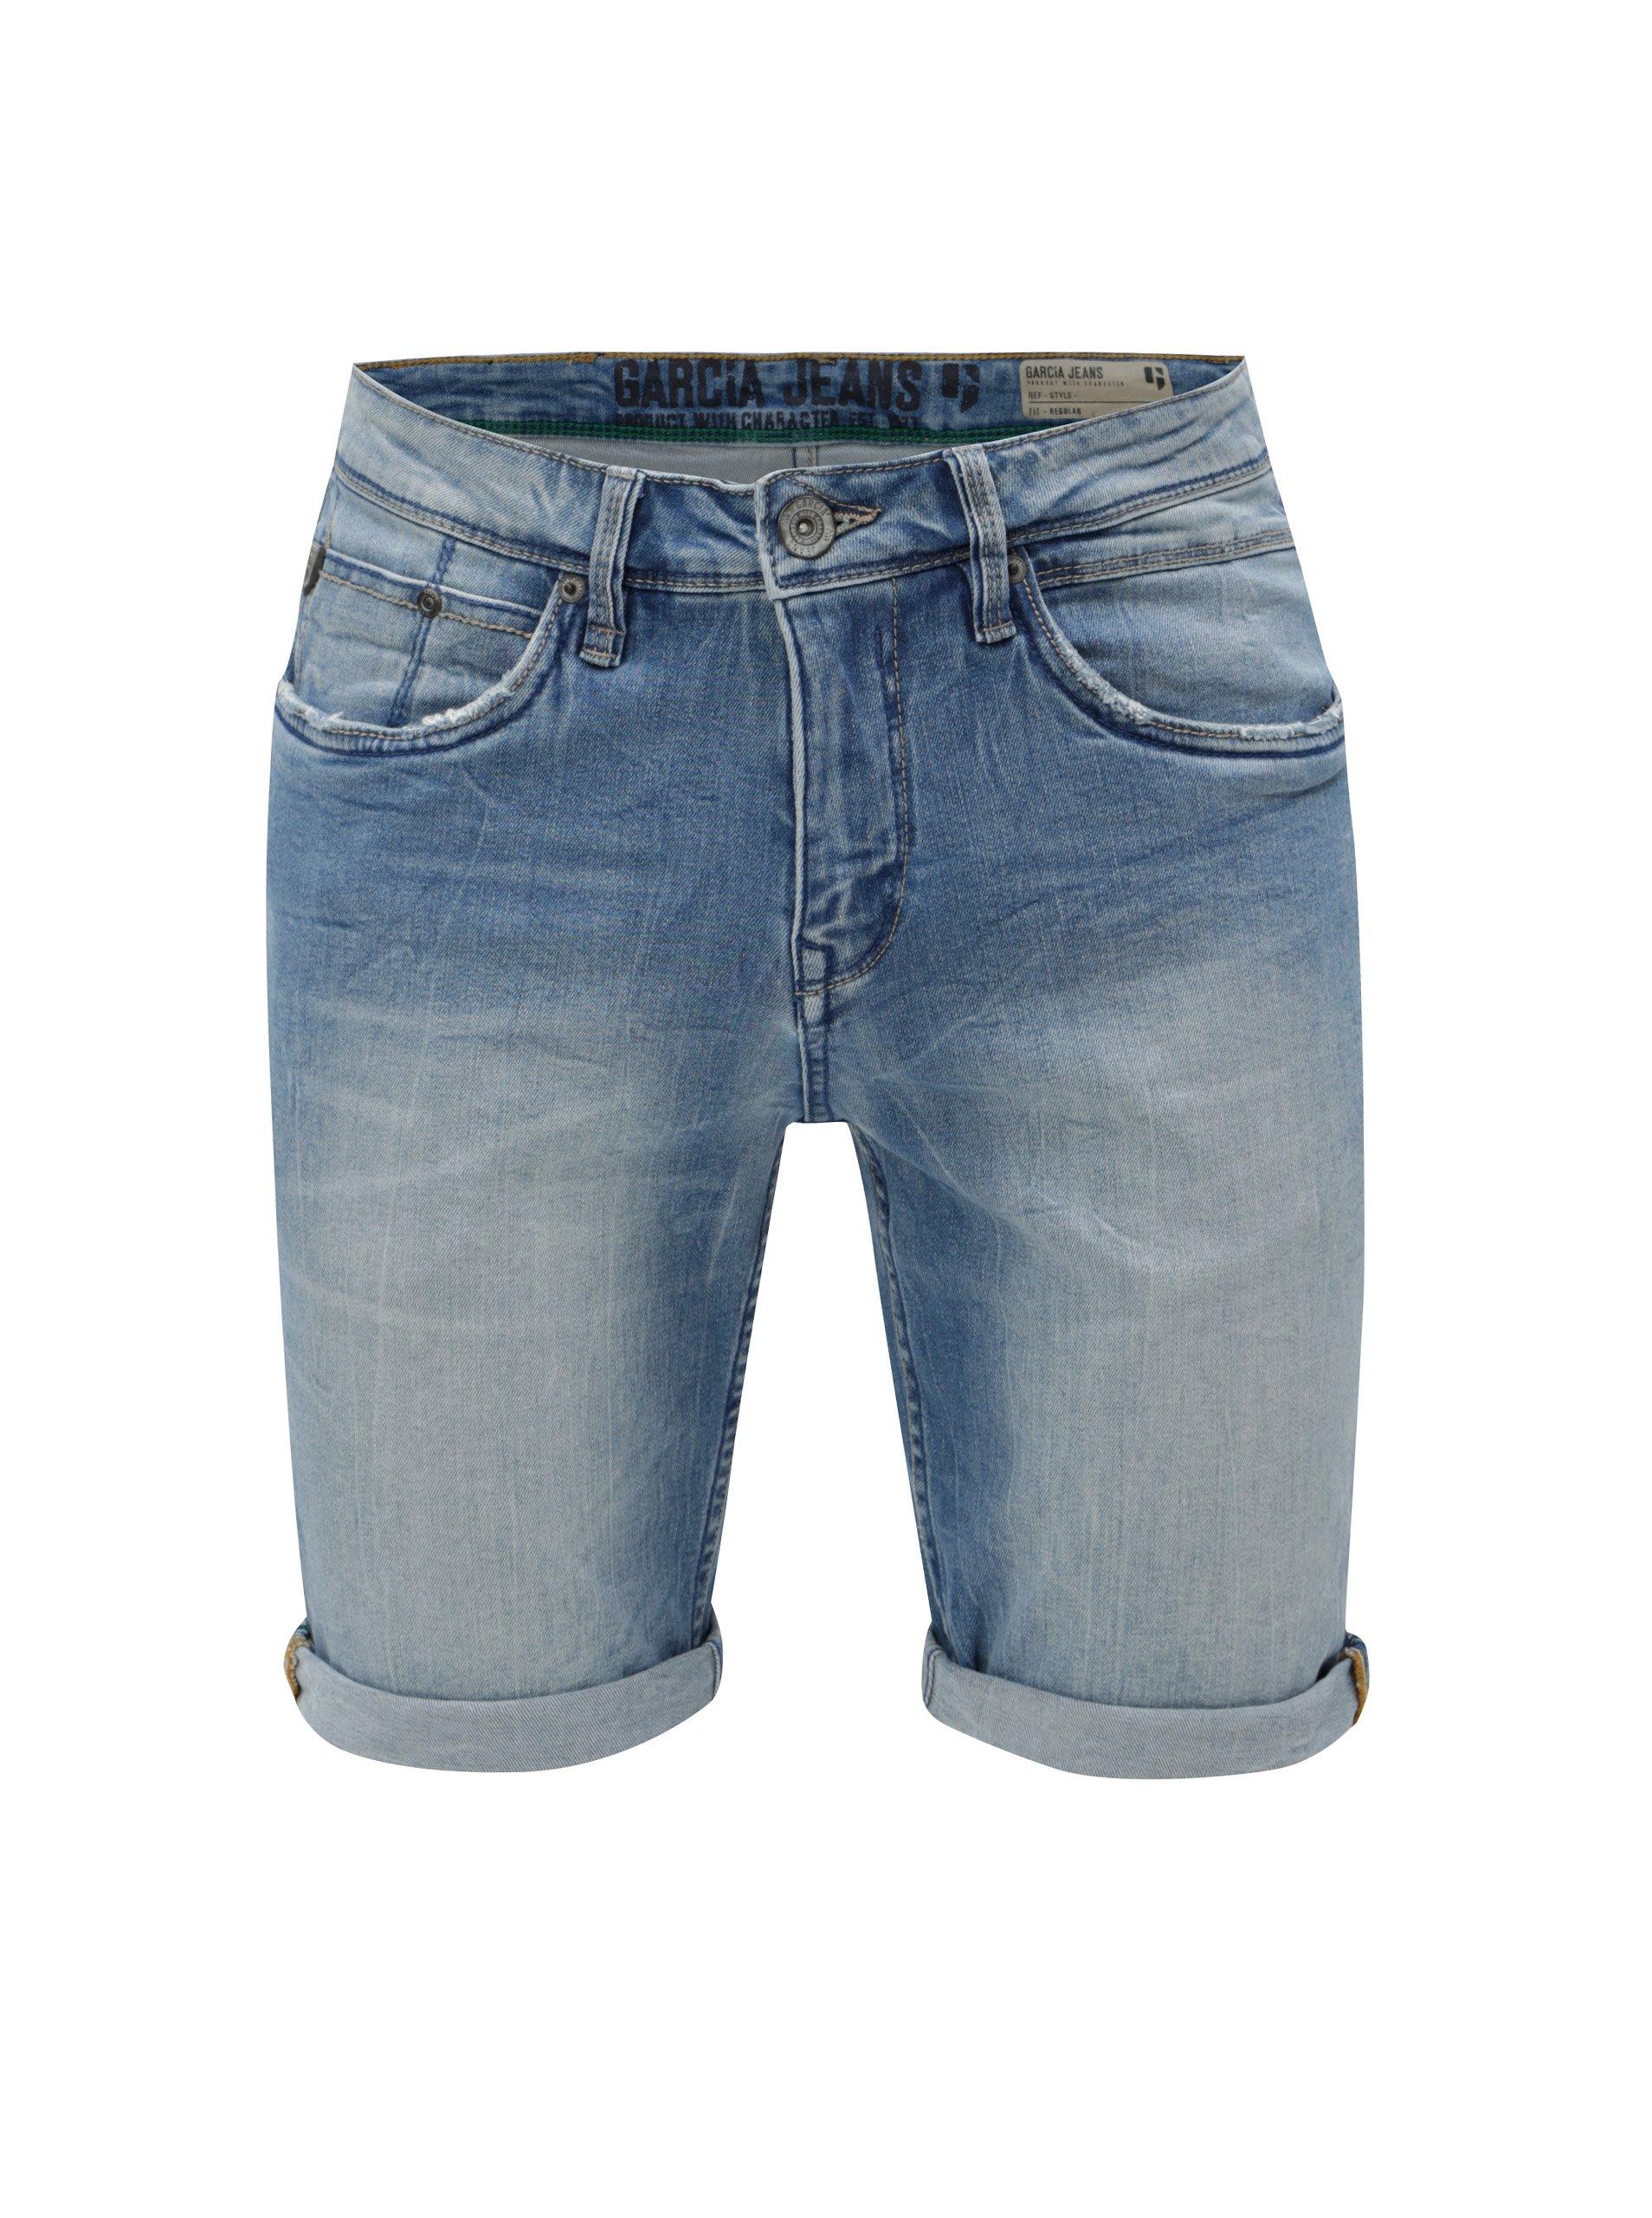 193d4f76f2f0 Modré pánske rifľové kraťasy s vyšúchaným efektom Garcia Jeans